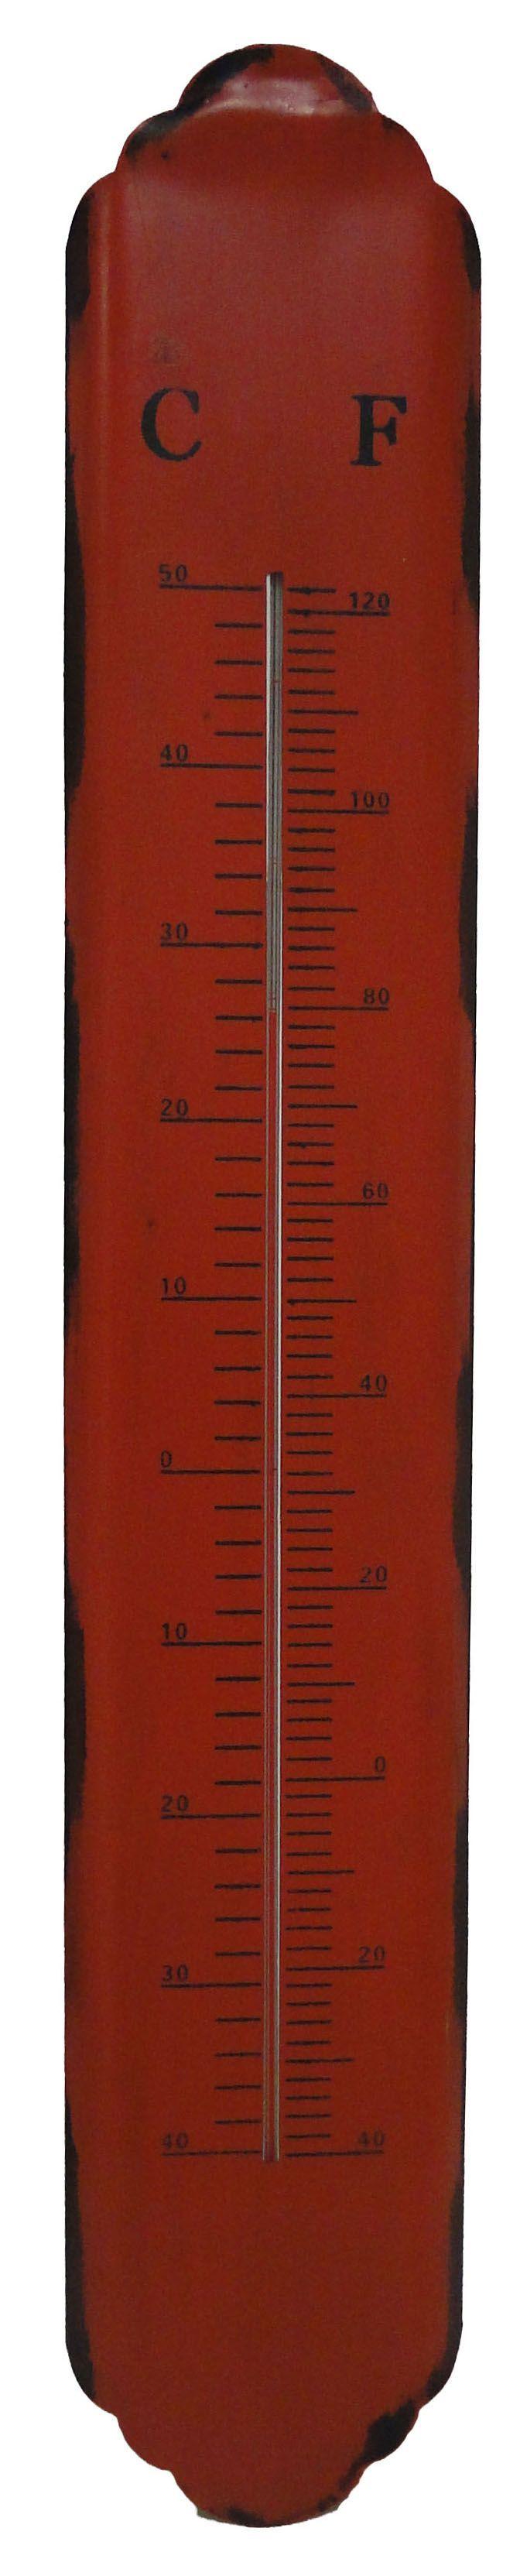 Objet utile for Thermometre exterieur original